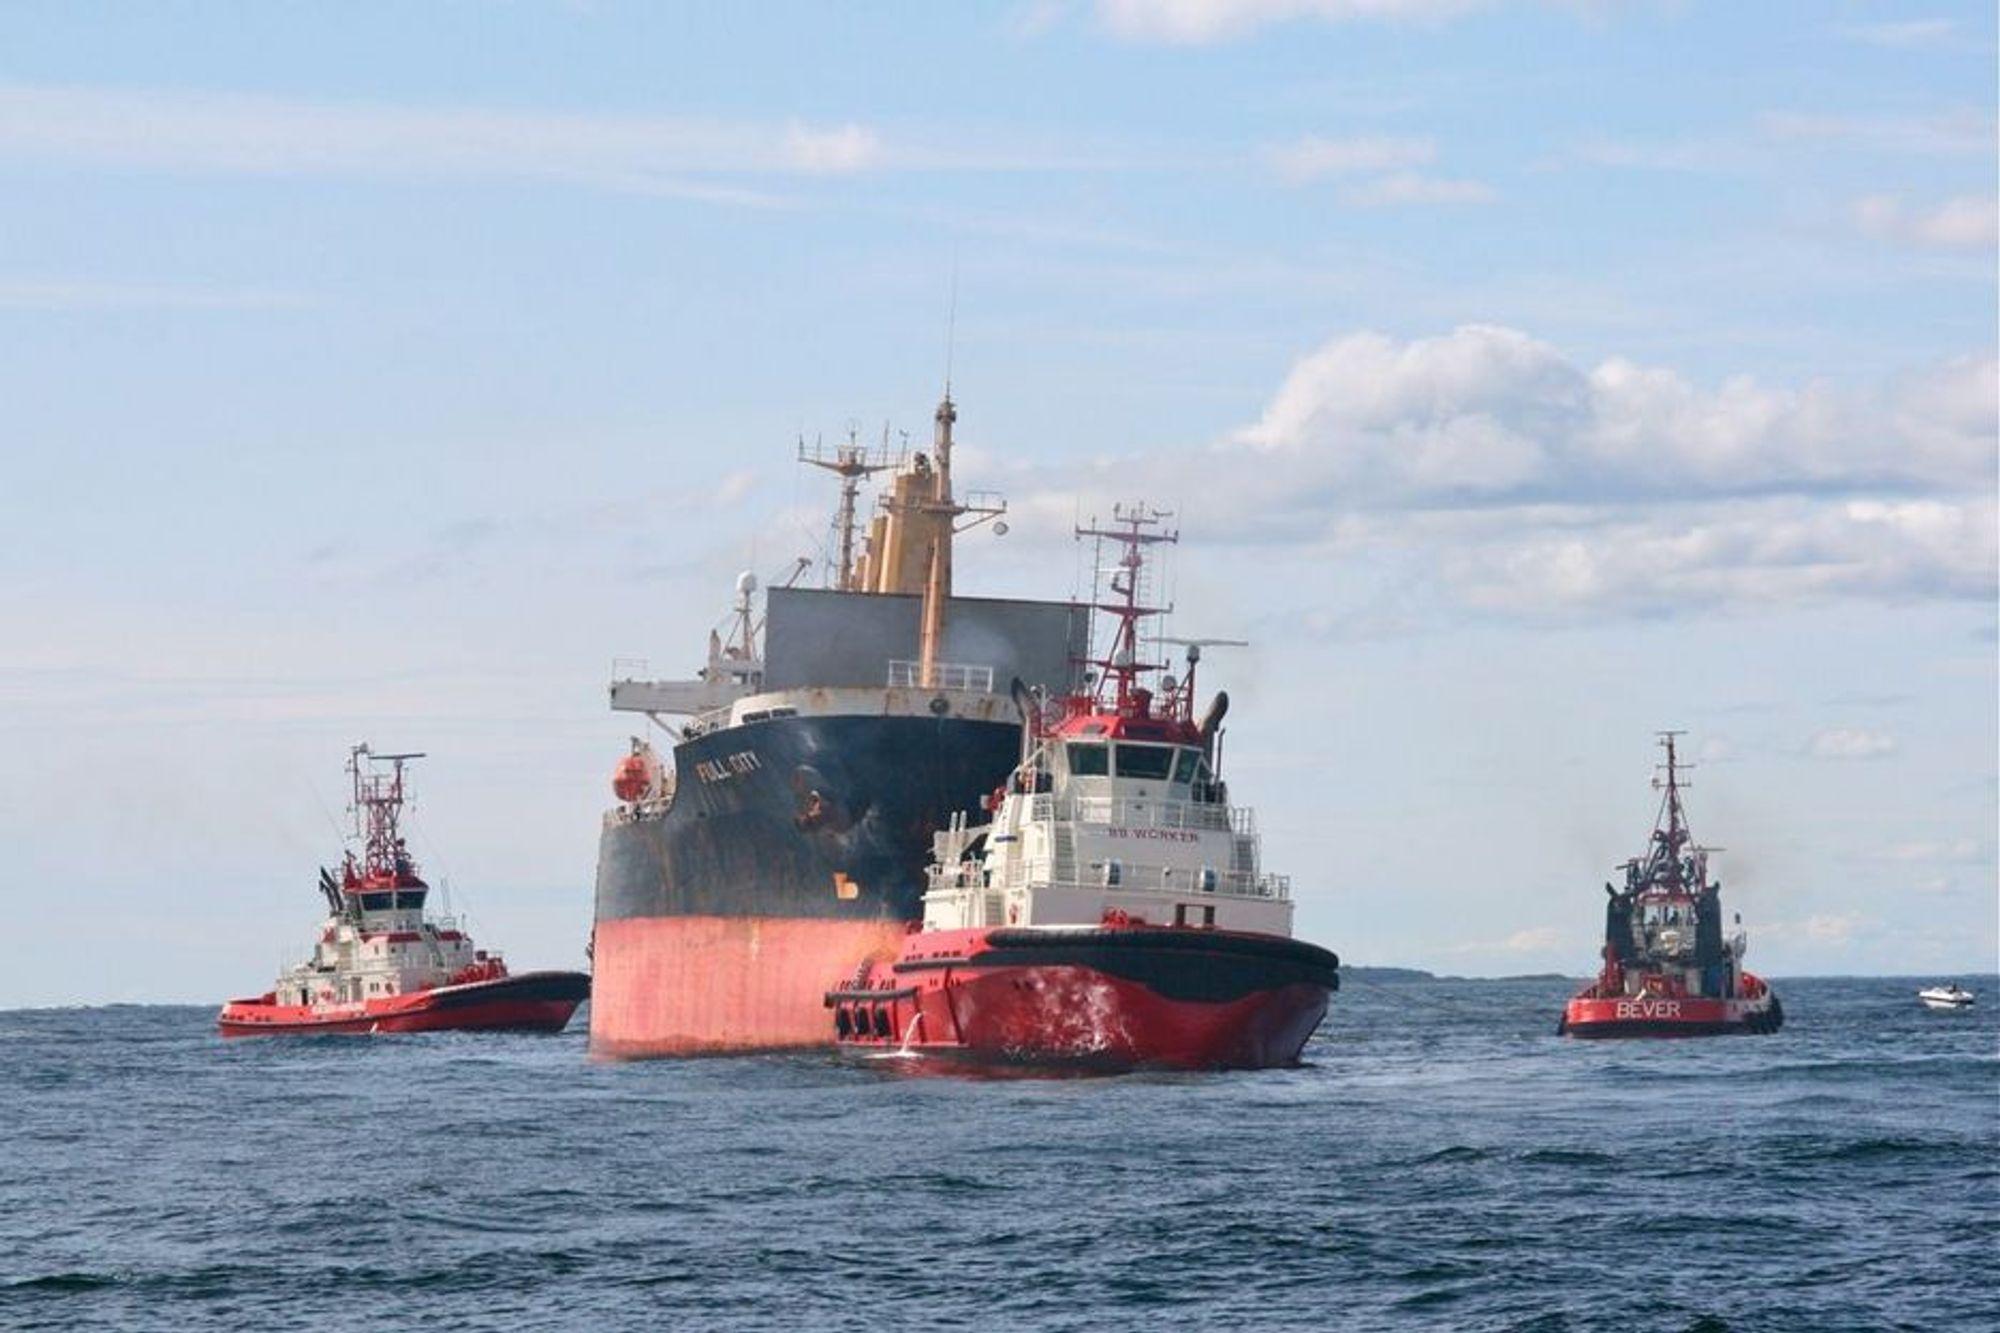 Full City ble slept av grunnen ved Såstein mandag 17. august. Tre slepebåter var med i arbeidet, ledet av Smit Salvage og Buksér og Berging. Full City grunnstøtte natt til fredag 31. juli 2009.